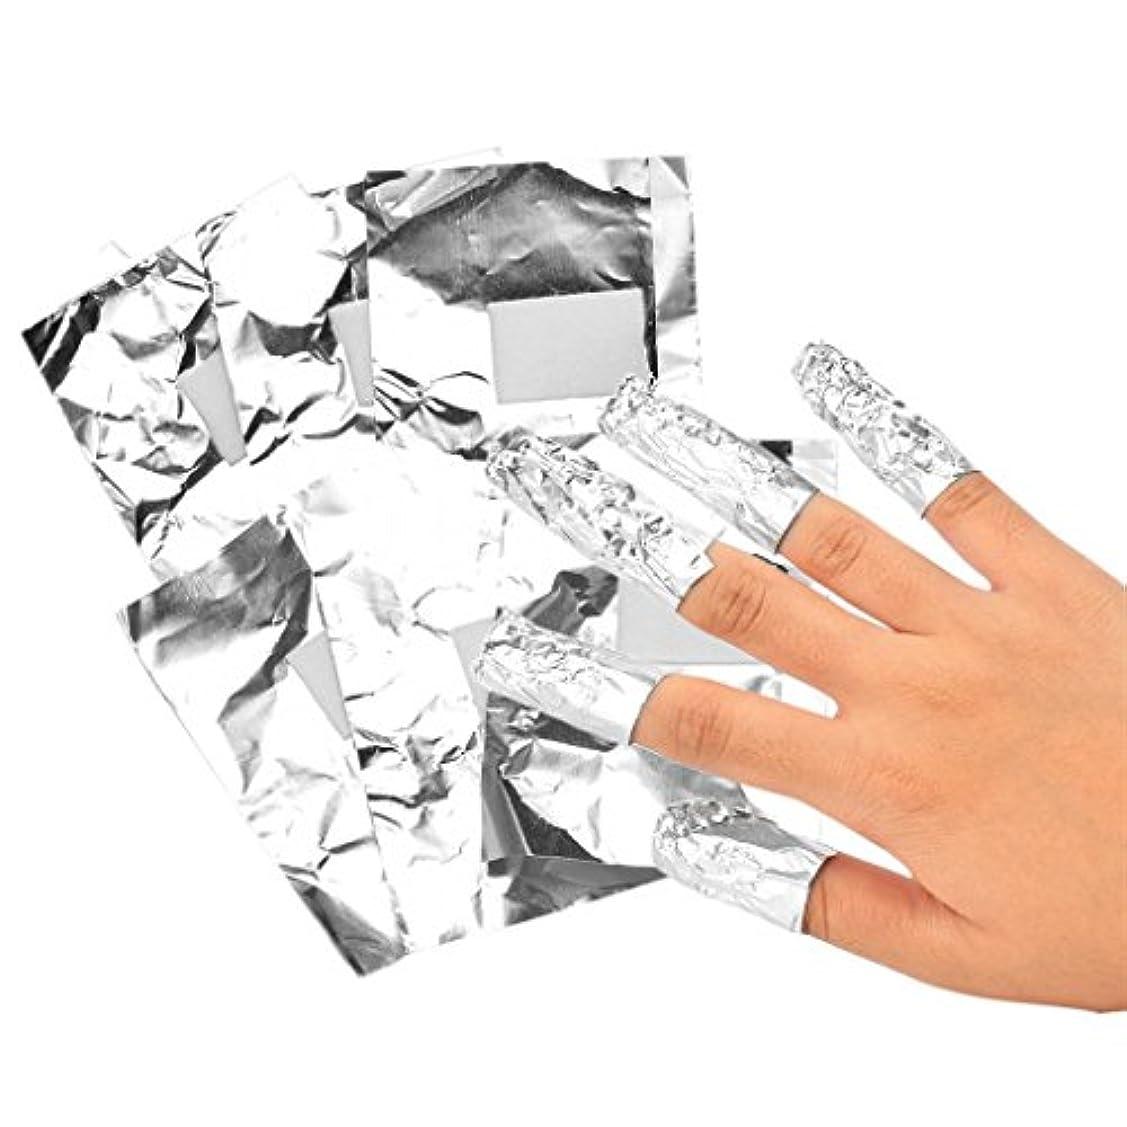 地震アトムストライプSM SunniMix ネイルフォイル アルミ箔 ネイルアートジェル除去ツール プロ 爪装飾除き 包み紙 約100本入り